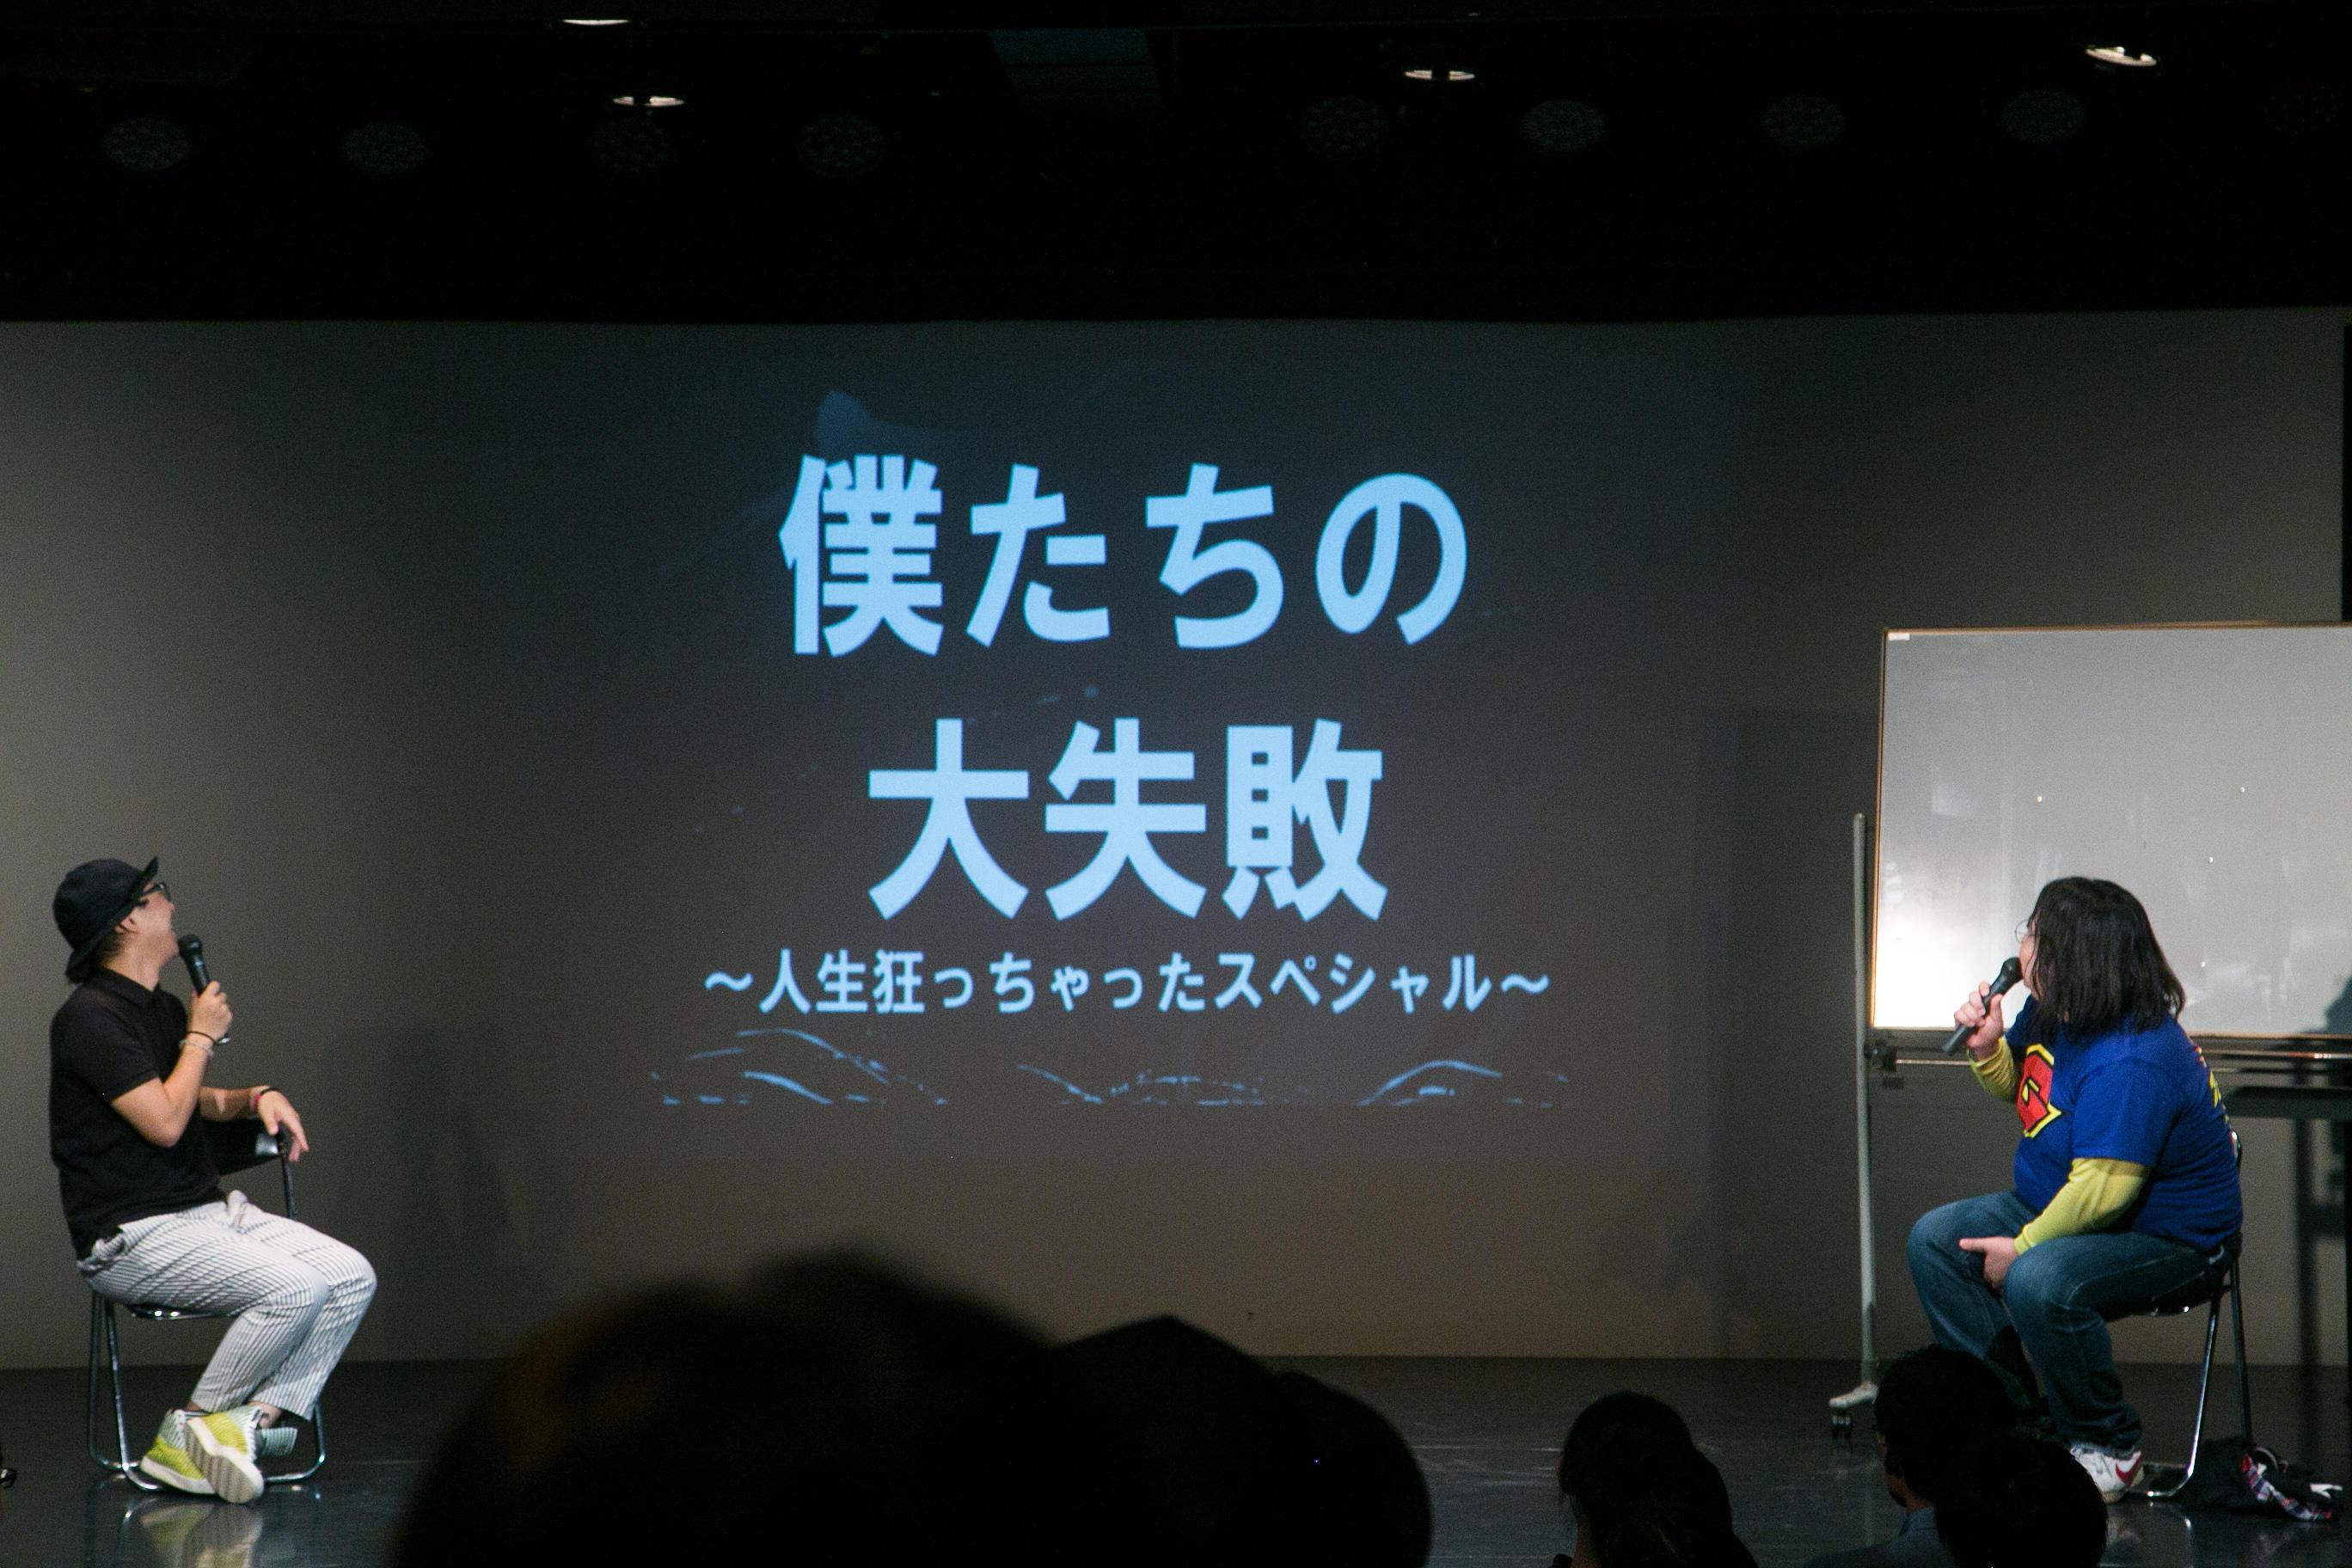 http://news.yoshimoto.co.jp/20180915211742-8f2c67abf473df73b900f863b3f03ca407a4162d.jpg